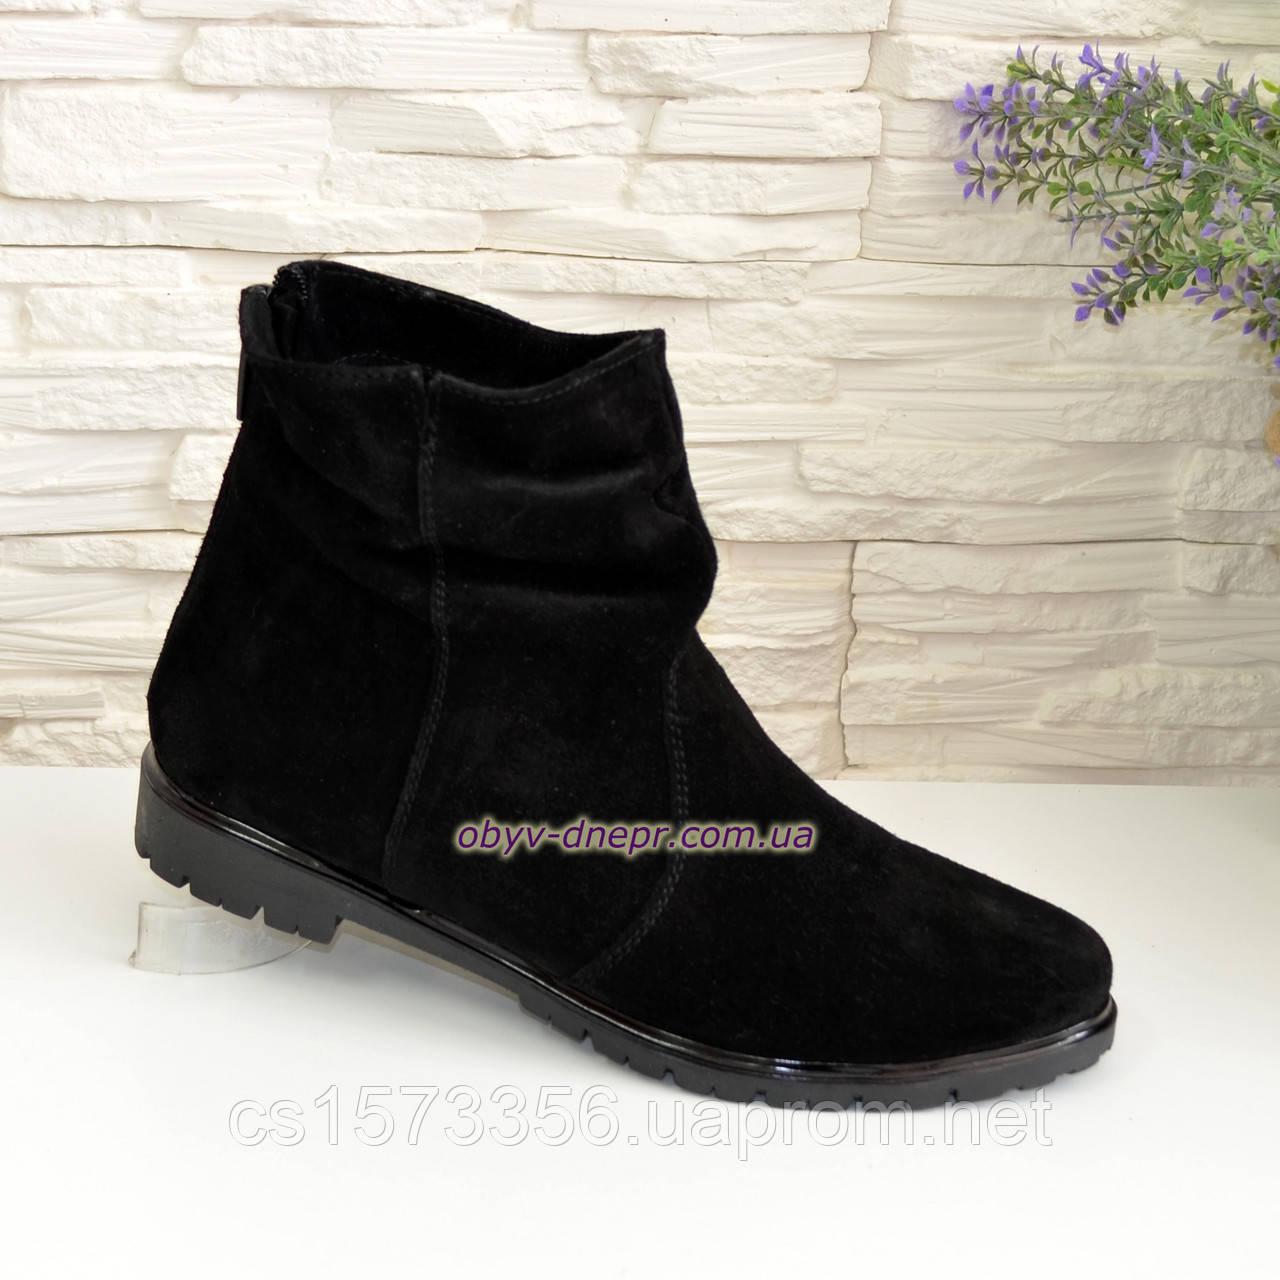 Демисезонные женские ботинки замшевые на низком ходу